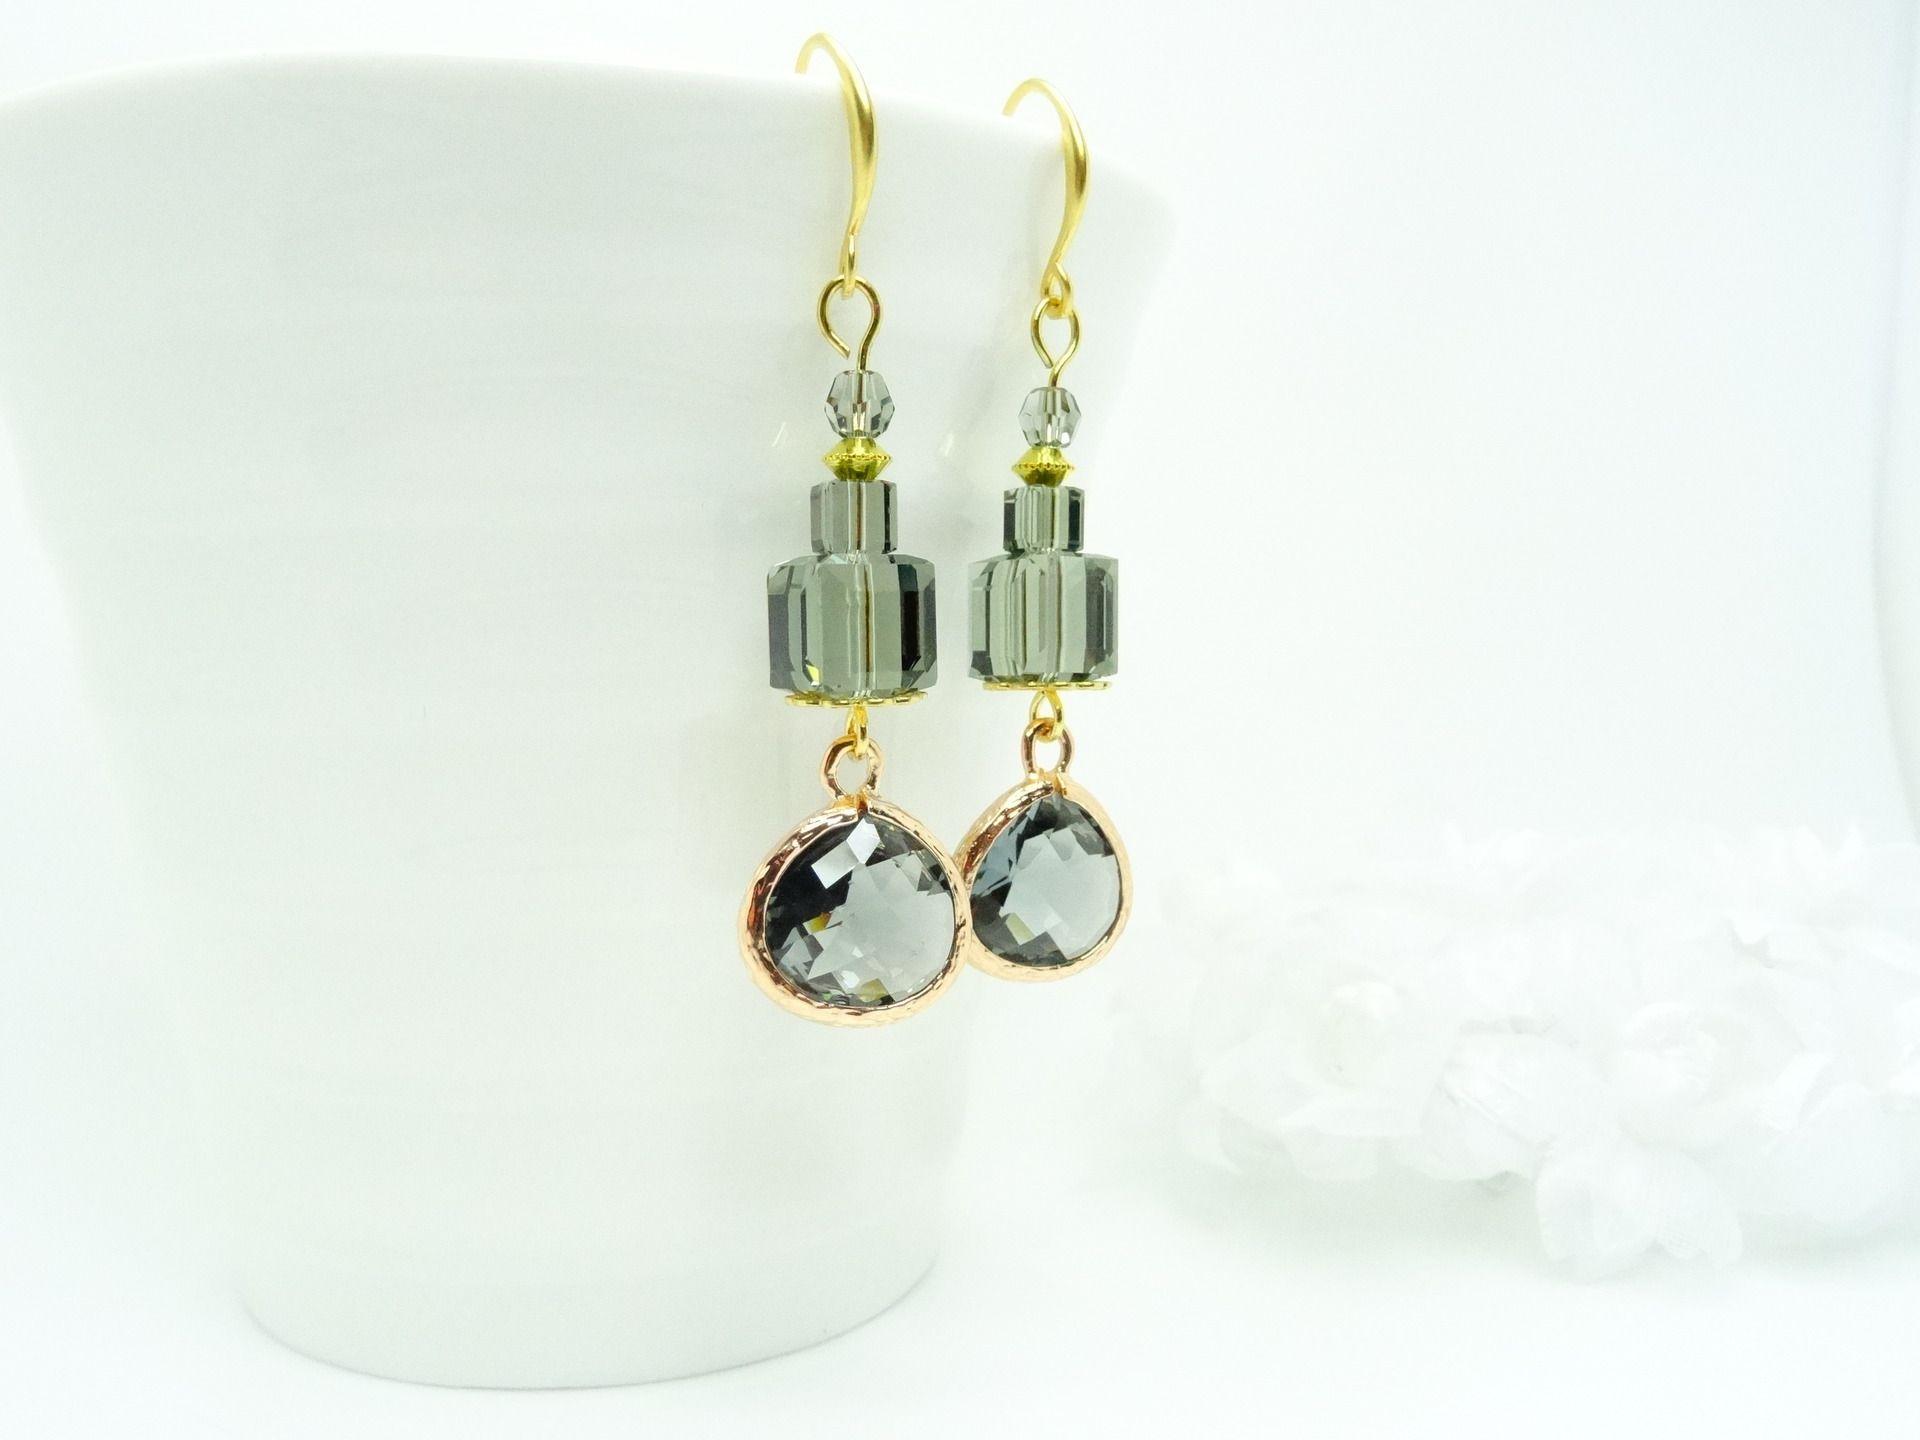 """Boucles d'oreilles pendentif verre facetté, laiton doré, perles cubes de cristal Swarovski """" Black Diamond """" : Boucles d'oreille par madely"""